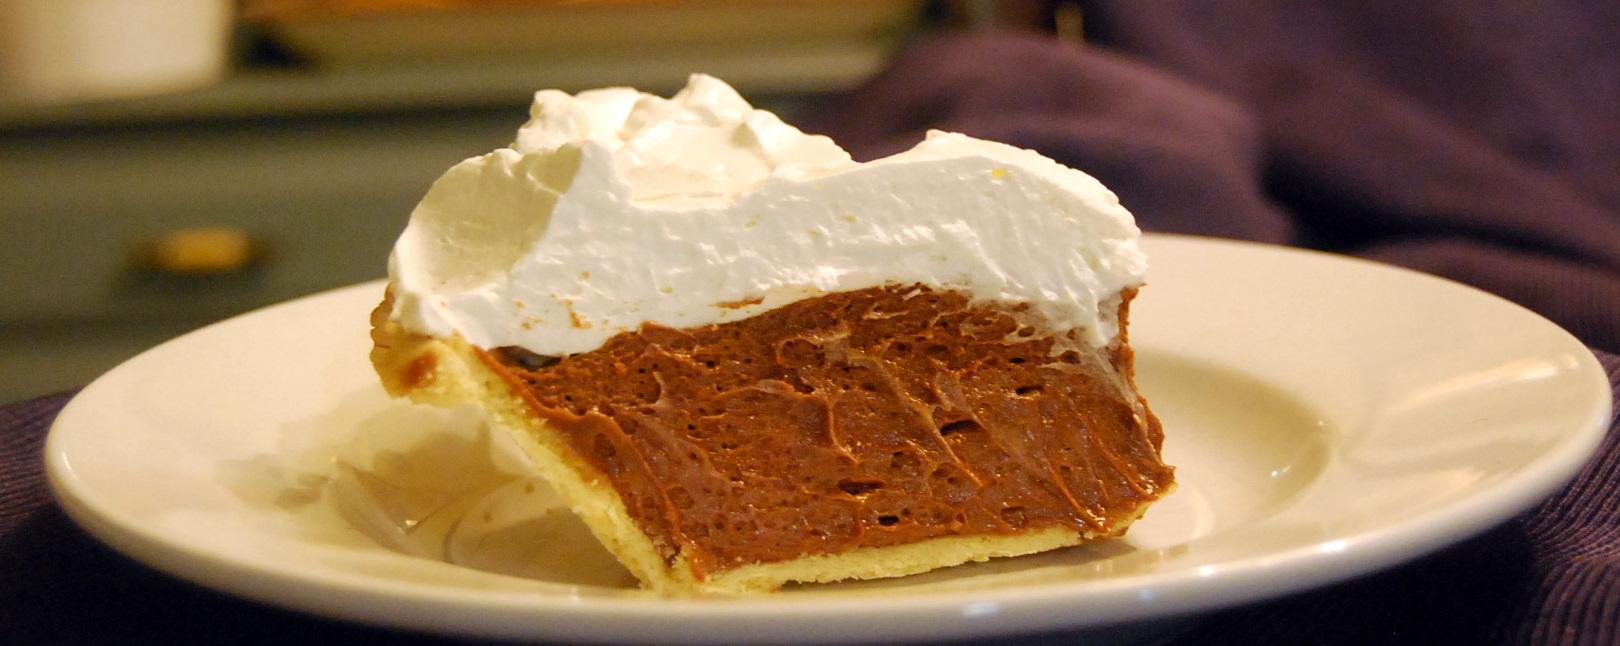 Souhaitez-vous une tarte de la soie Française? (Fabulous ...